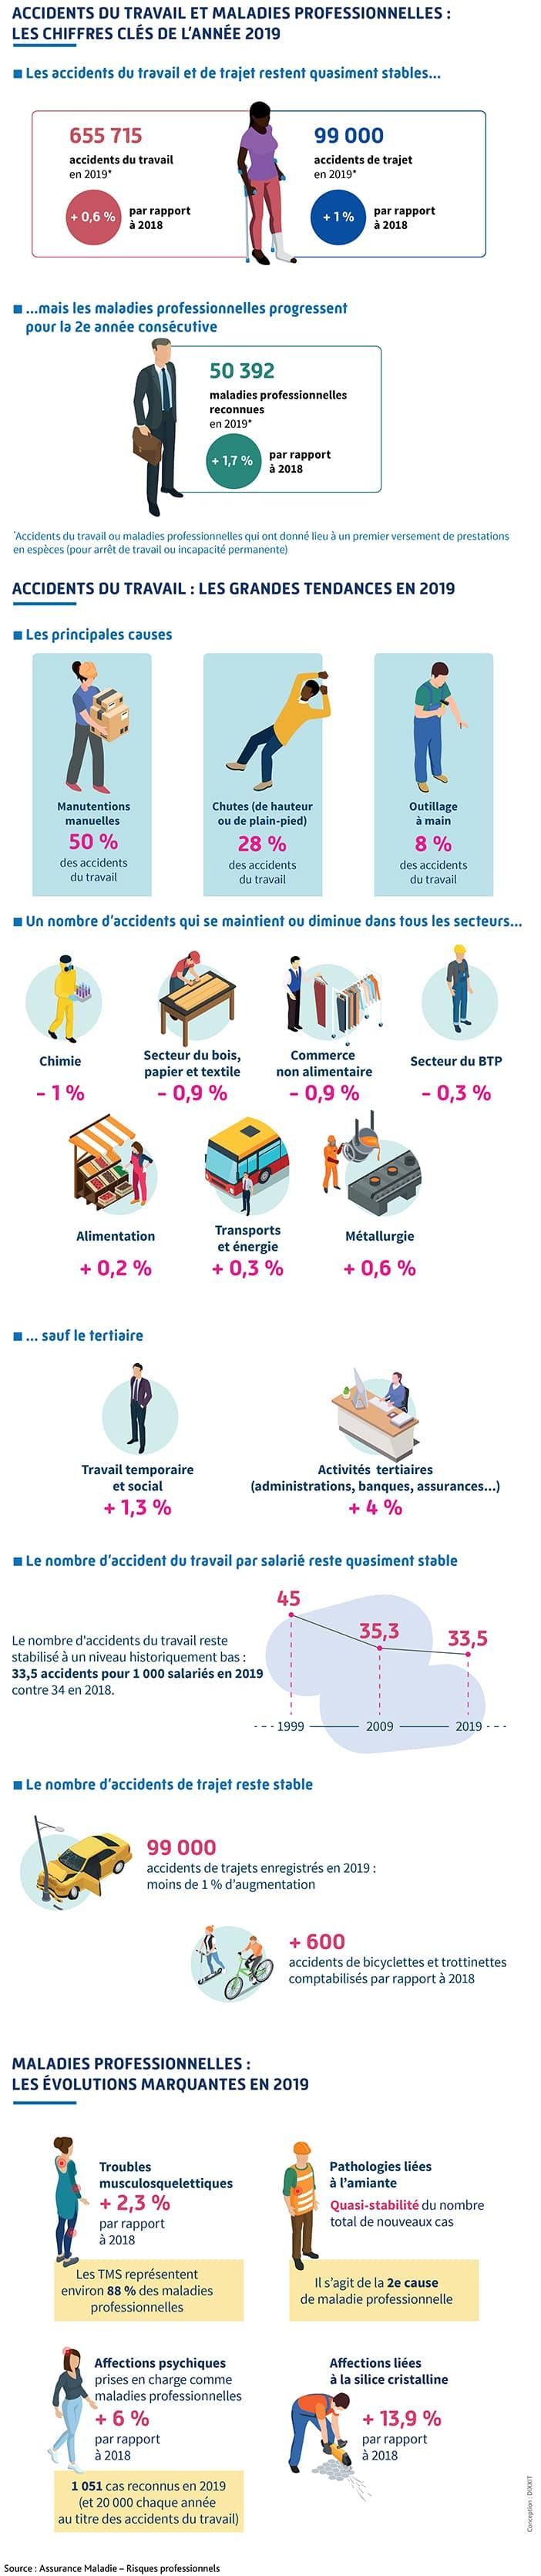 Infographie présentant un bilan de l'année 2019 pour les accidents et maladies professionnelles. Description complète ci-après.